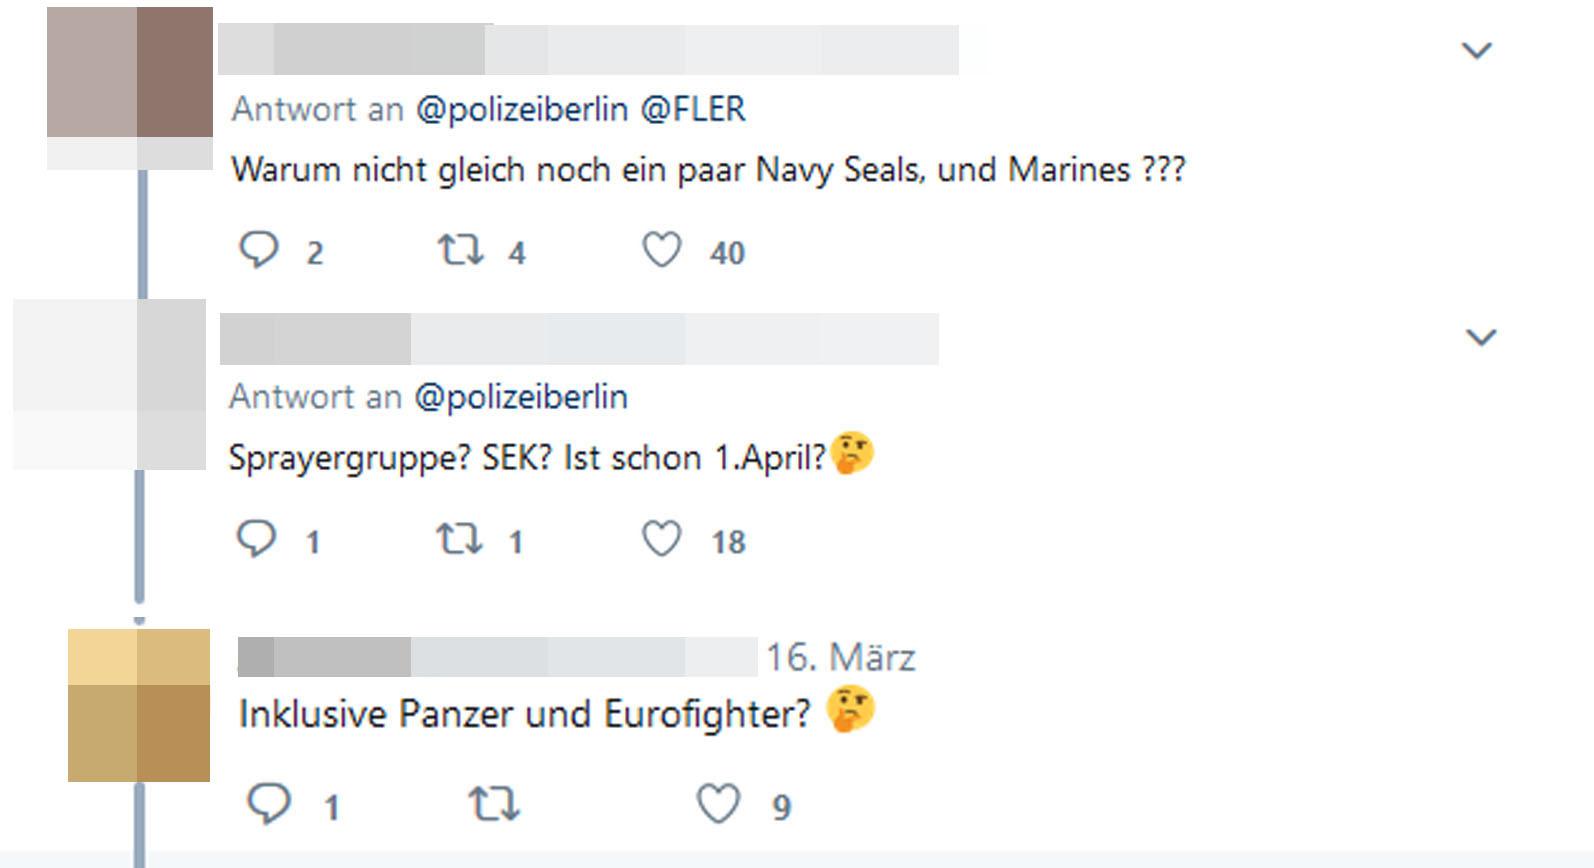 Twitter-User über den SEK-Einsatz bei Fler